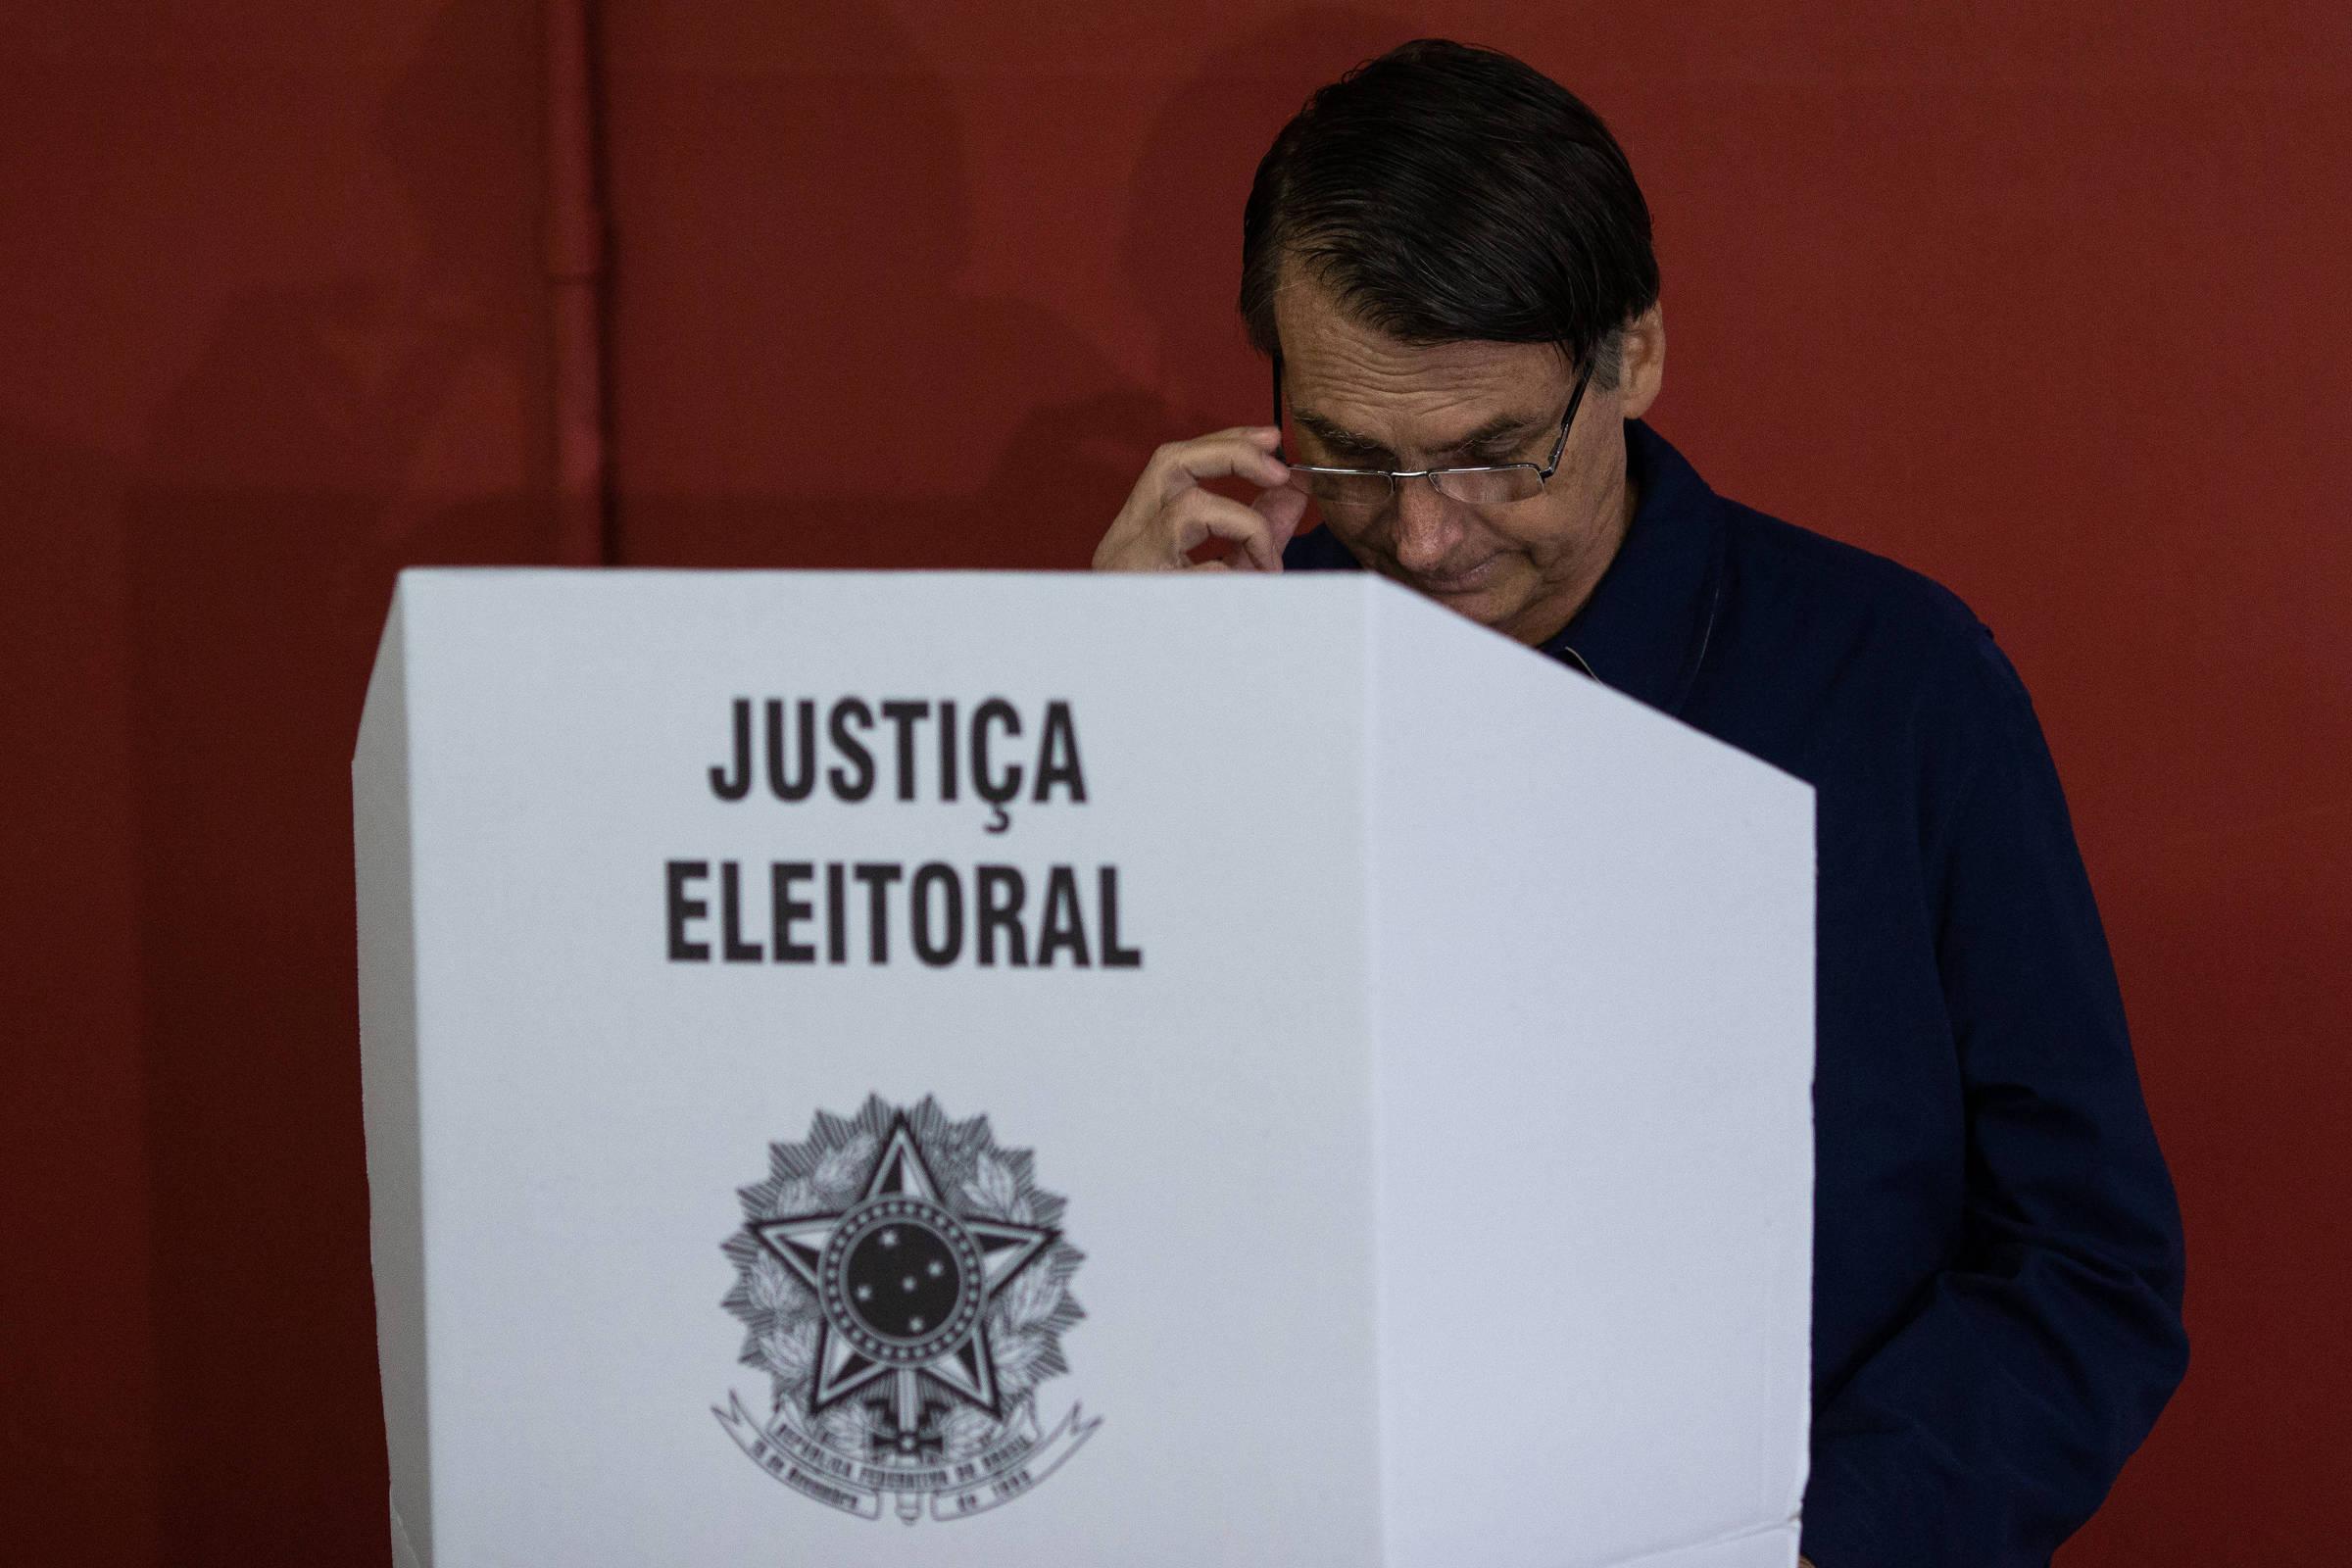 Acusações de Bolsonaro sem provas sobre fraude eleitoral são risco à democracia; entenda por quê